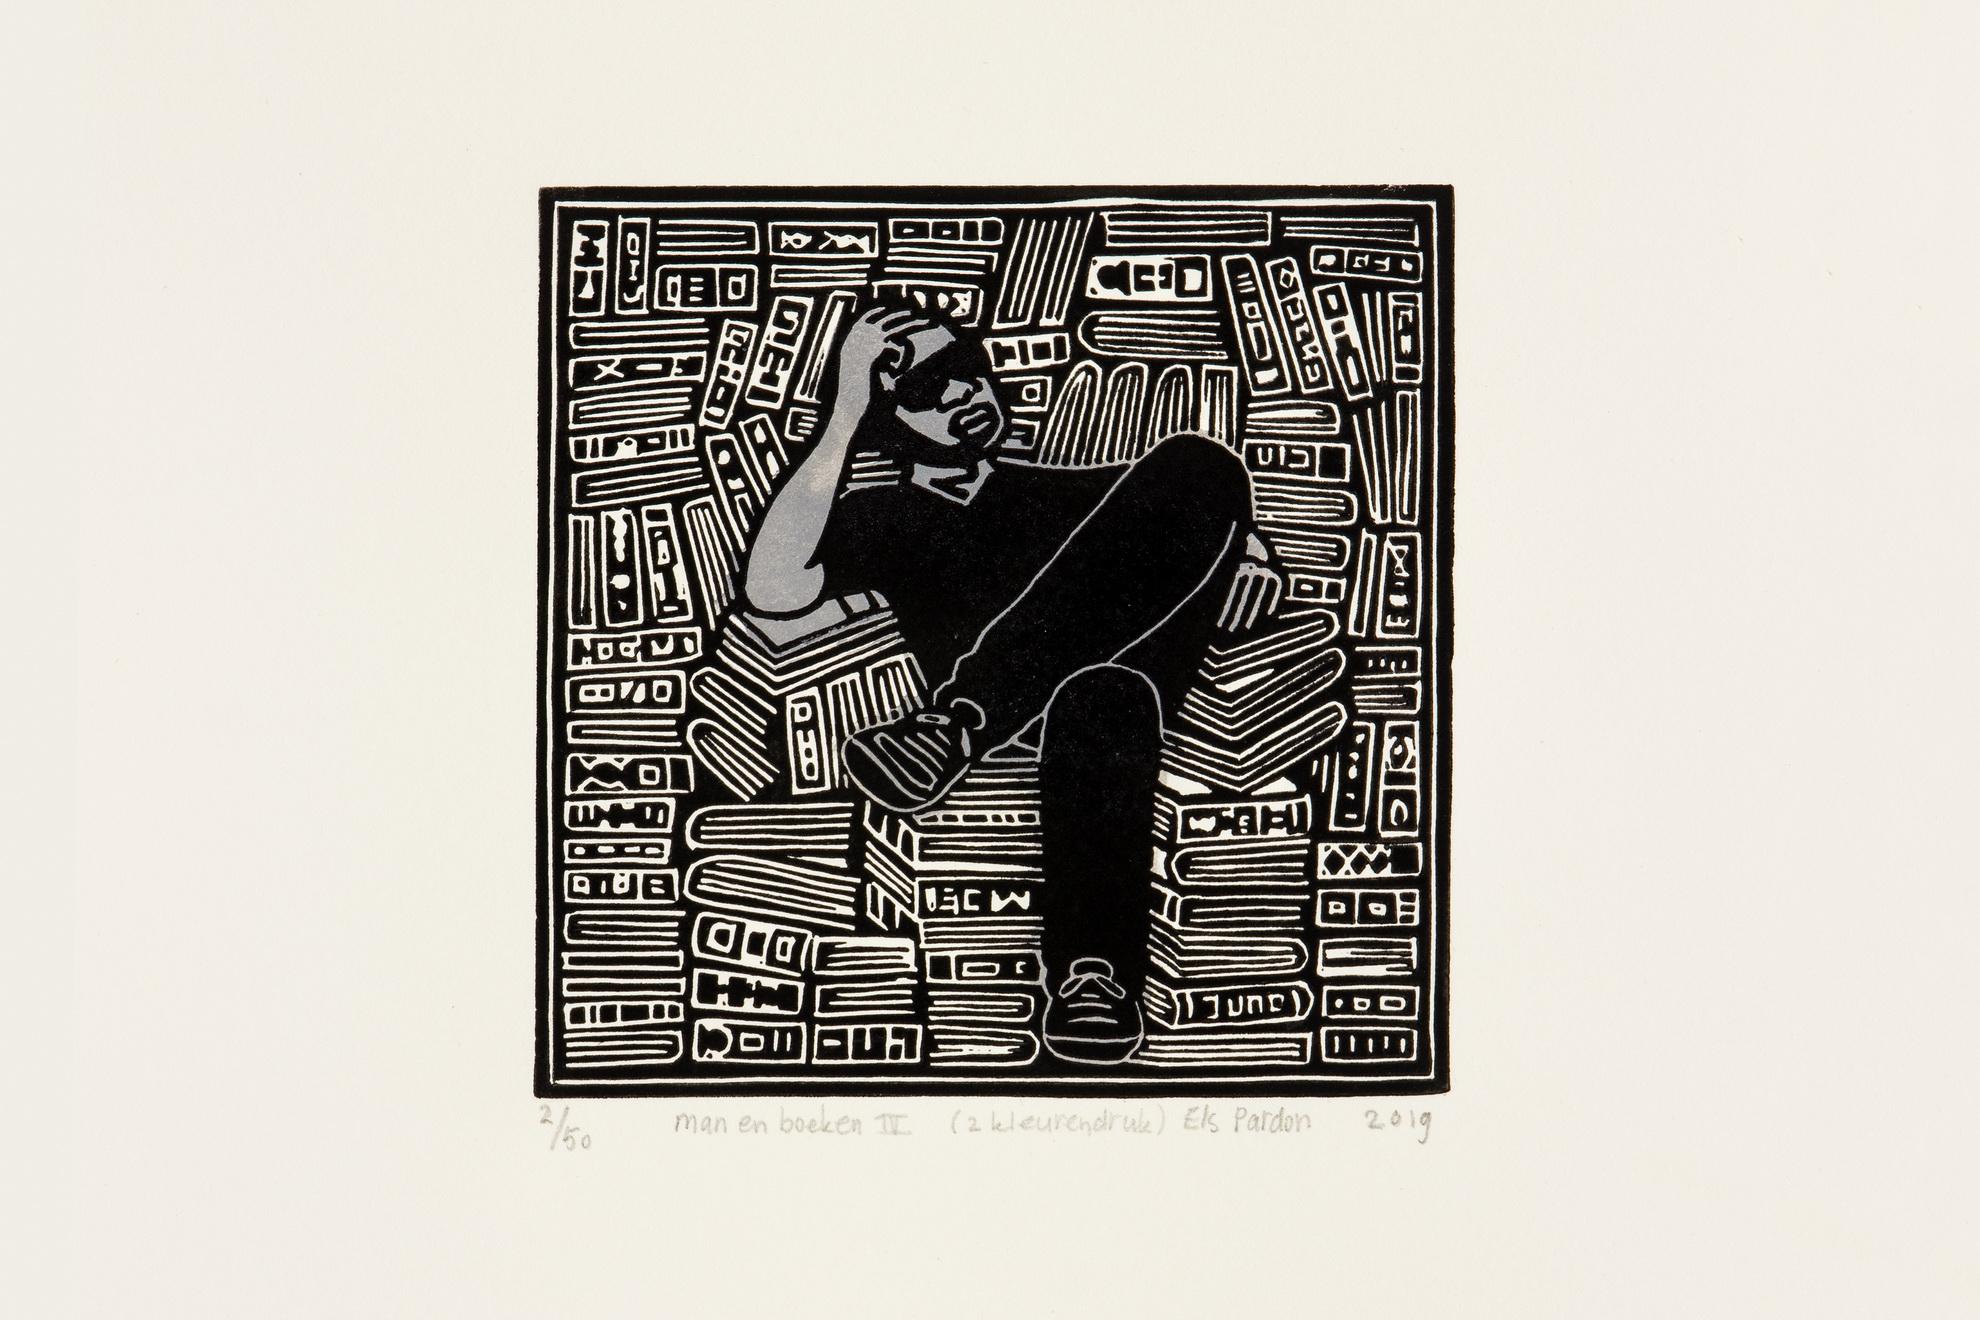 Els Pardon Beeldend Kunstenaar linoleumsnede man en boeken 4 (2 kleurendr.) (11x11cm) 2019